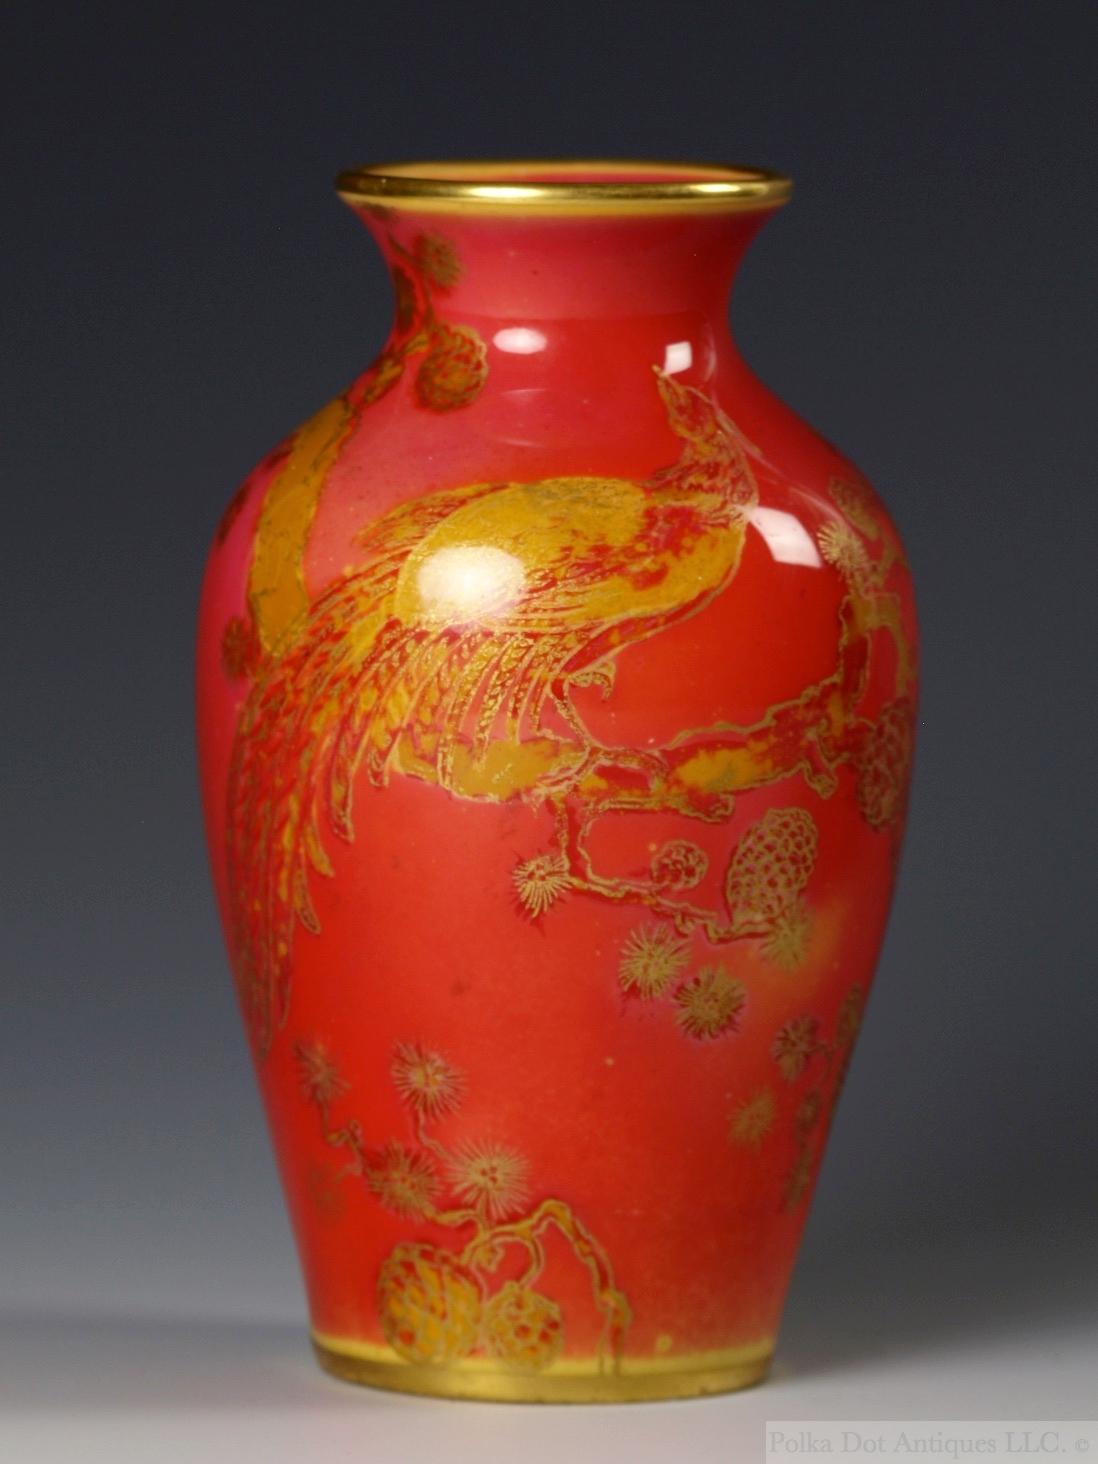 RPW399 Moore Peacock Vase - 01.jpg